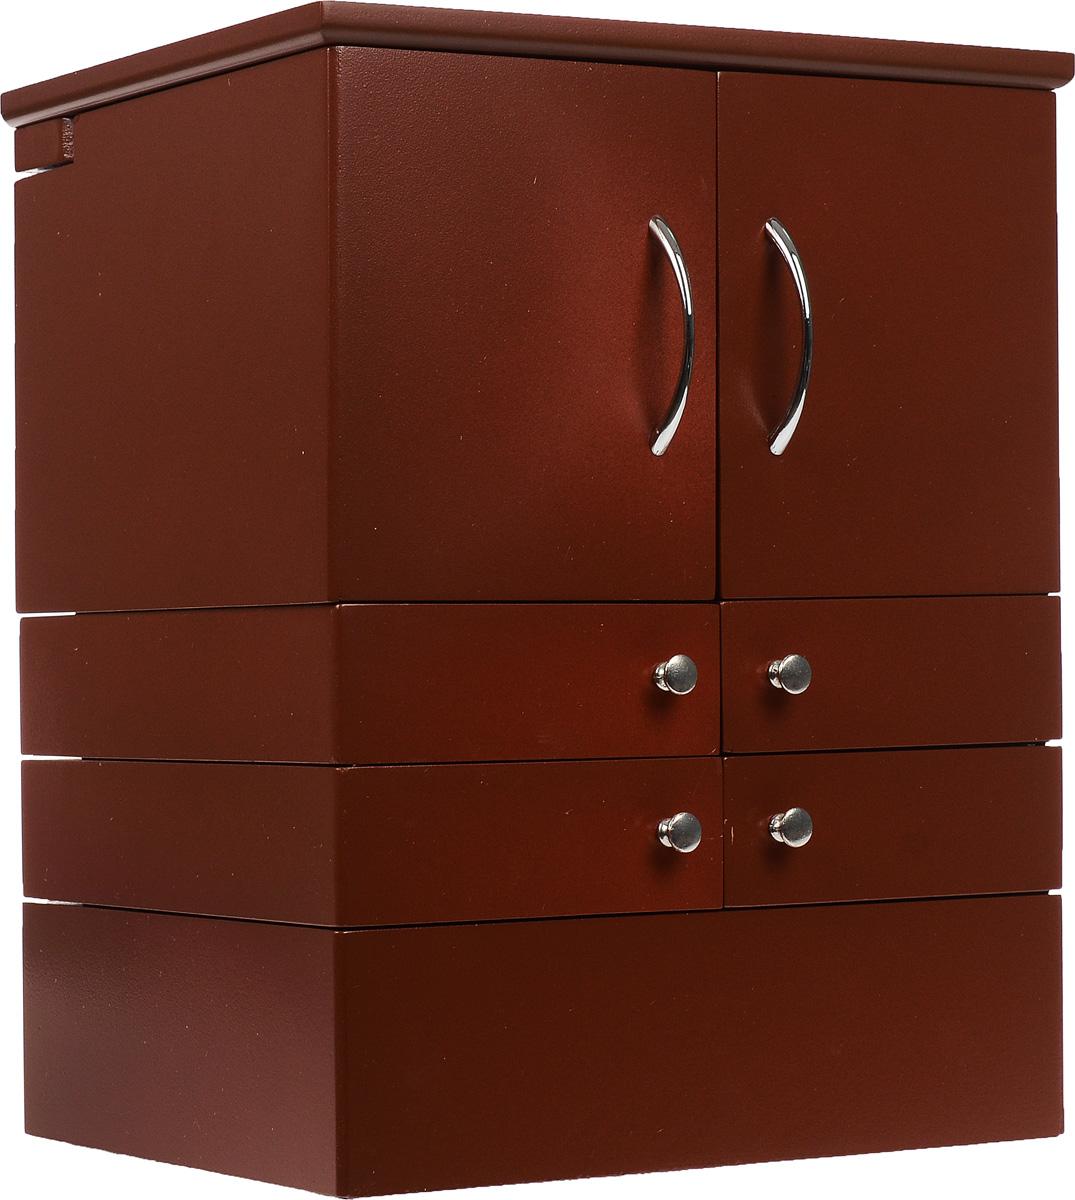 Шкатулка для косметики, настольная, цвет: коричневый.FS-91909Настольная раздвижная шкатулка для косметики поможет стильно, аккуратно и в одном месте хранить всю вашу косметику. Также может использоваться для хранения бижутерии и ювелирных украшений. Шкатулка выполнена из дерева, окрашенного краской белого цвета. Изделие имеет 4 яруса с раздвижными ящичками. Нижний ярус представляет собой ящик с двумя секциями, одна из которых имеет 7 продолговатых отделений для хранения тюбиков. Второй и третий ярус выполнены в виде ящичков с металлическими ручками, где удобно хранить различные мелкие баночки с косметикой. Верхний ярус также содержит два отделения, одно из них имеет 30 квадратных секций для хранения губных помад. Шкатулка дополнительно имеет 10 небольших отделений, куда очень удобно помещаются тени или румяна, а также два отдела для хранения аксессуаров, например, кистей. В шкатулке предусмотрено квадратное зеркальце, расположенное с внутренней стороны крышки. Дно ящиков отделано мягкой бархатистой тканью, что исключает повреждение предметов. Стильная настольная шкатулка придется по вкусу всем любительницам изысканных вещей, она прекрасно подойдет для туалетного столика и будет каждый день радовать свою обладательницу.Размер (в собранном виде): 21,5 см х 28,5 см х 35,5 см. Размер (в разобранном виде): 64 см х 24 см х 57 см. Размер ящика: 14 см х 18 см х 5 см. Размер зеркала: 15 см х 13,5 см.